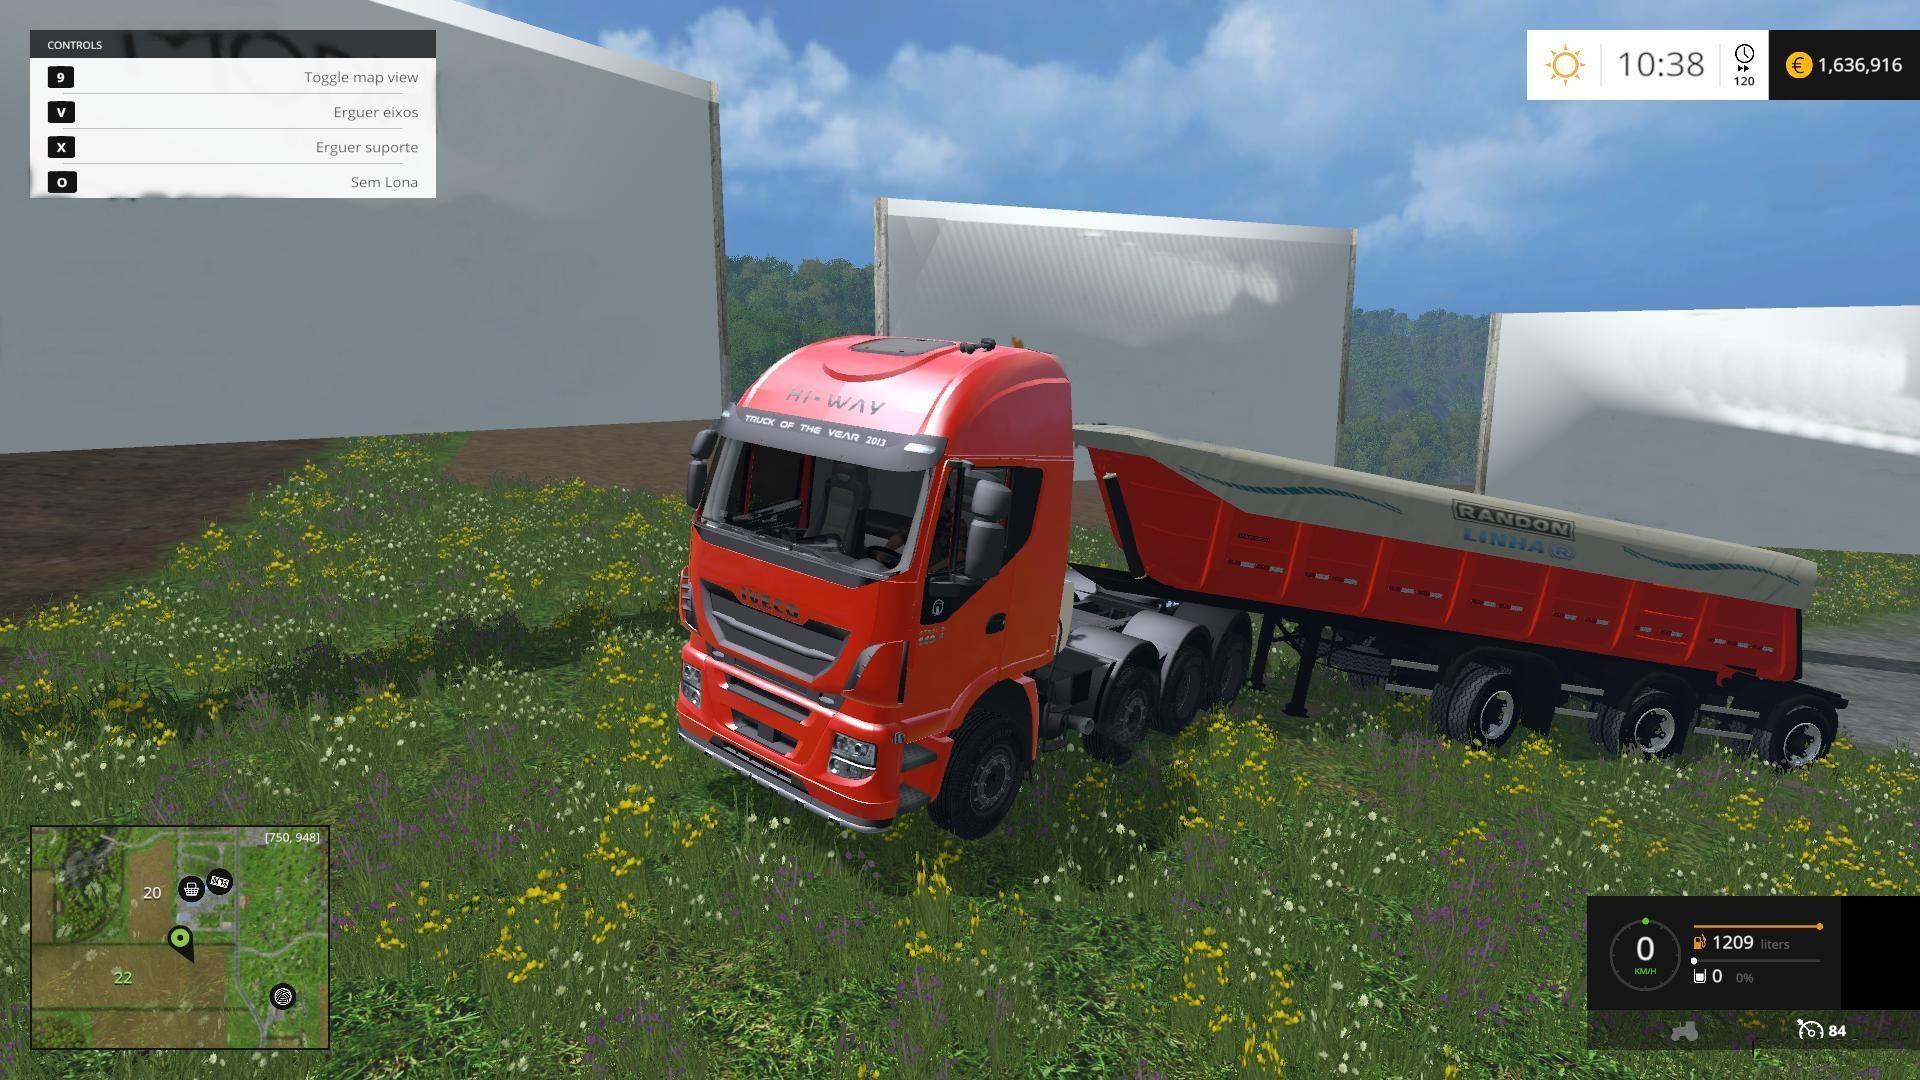 1424170565_iveco-stralis-560-8x4-trailer-v1_1-69